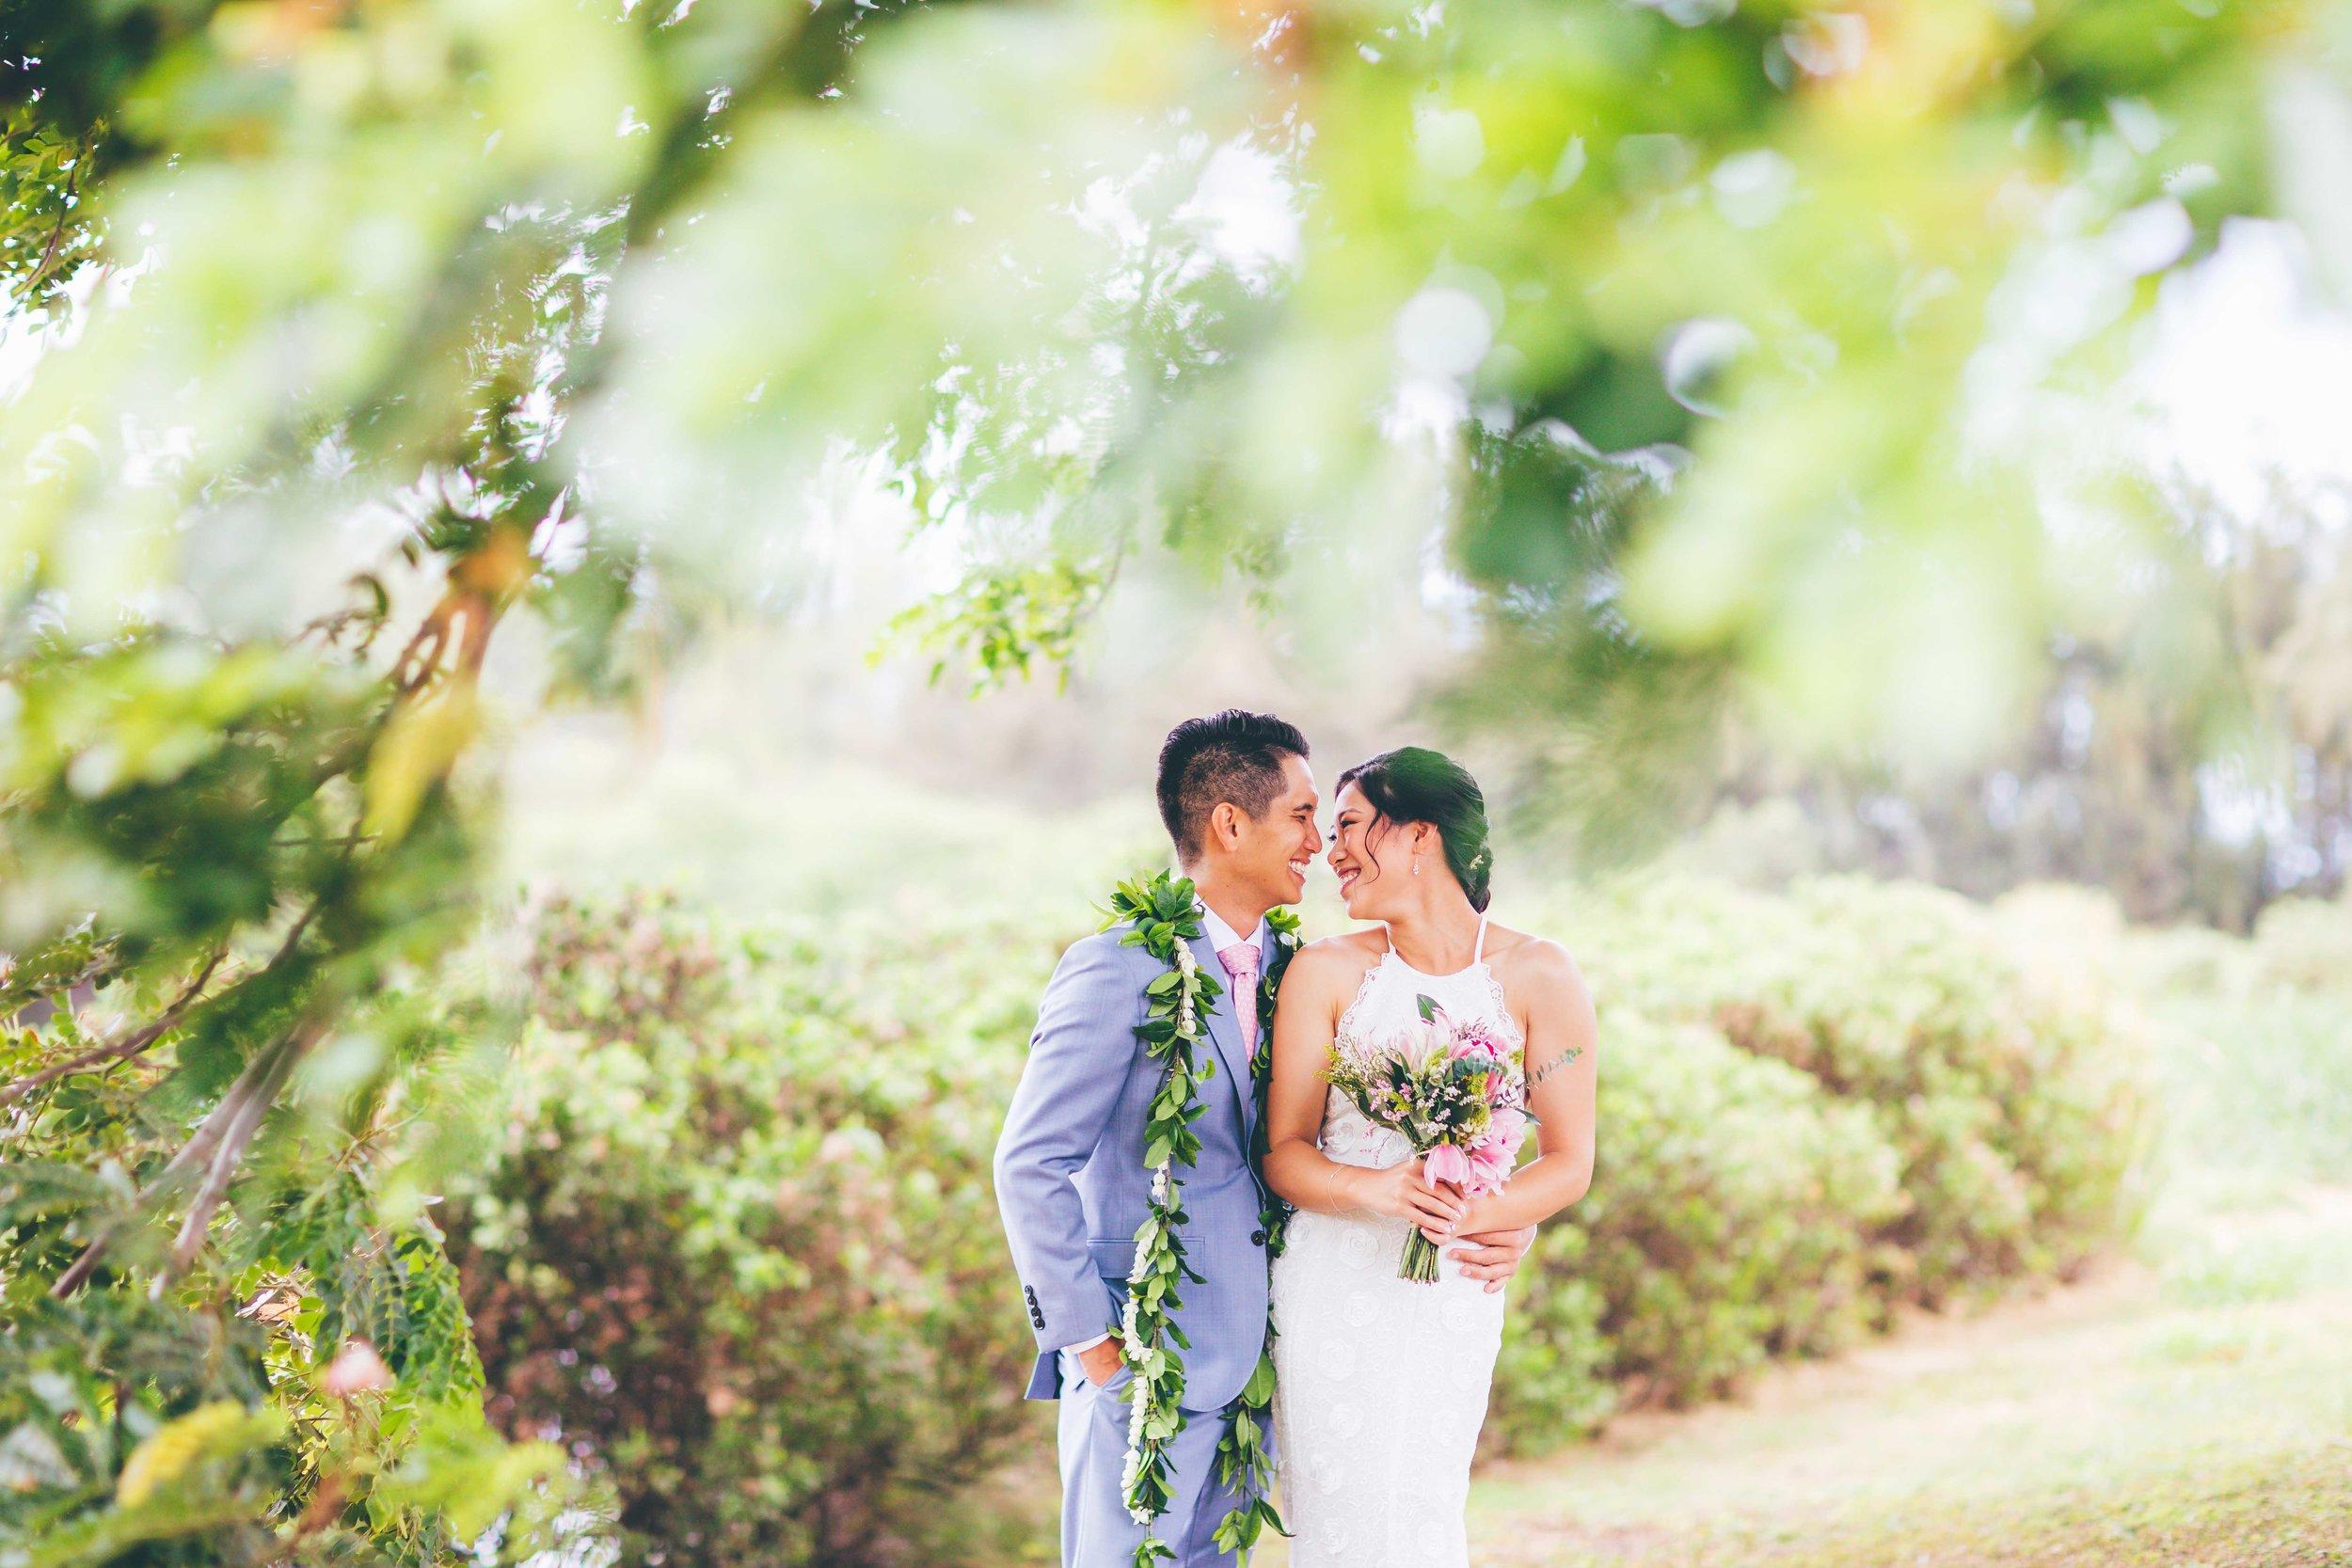 Dillingham Ranch Hawaii Wedding